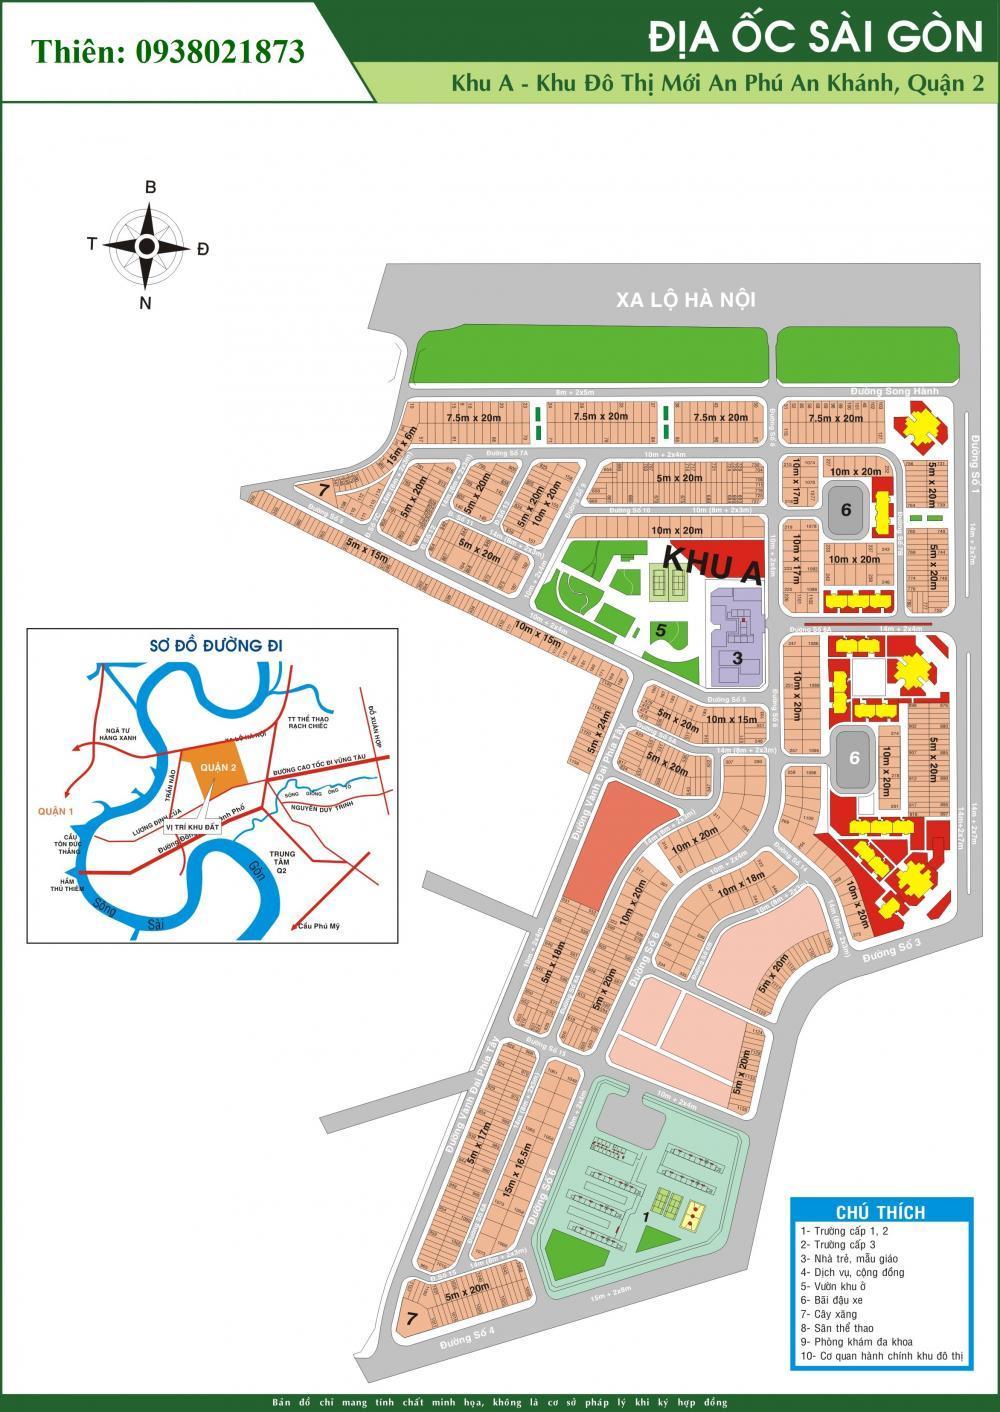 0909817489 - Cho thuê đất 300m2, hướng Tây Bắc, khu A dự án An Phú An Khánh Q2